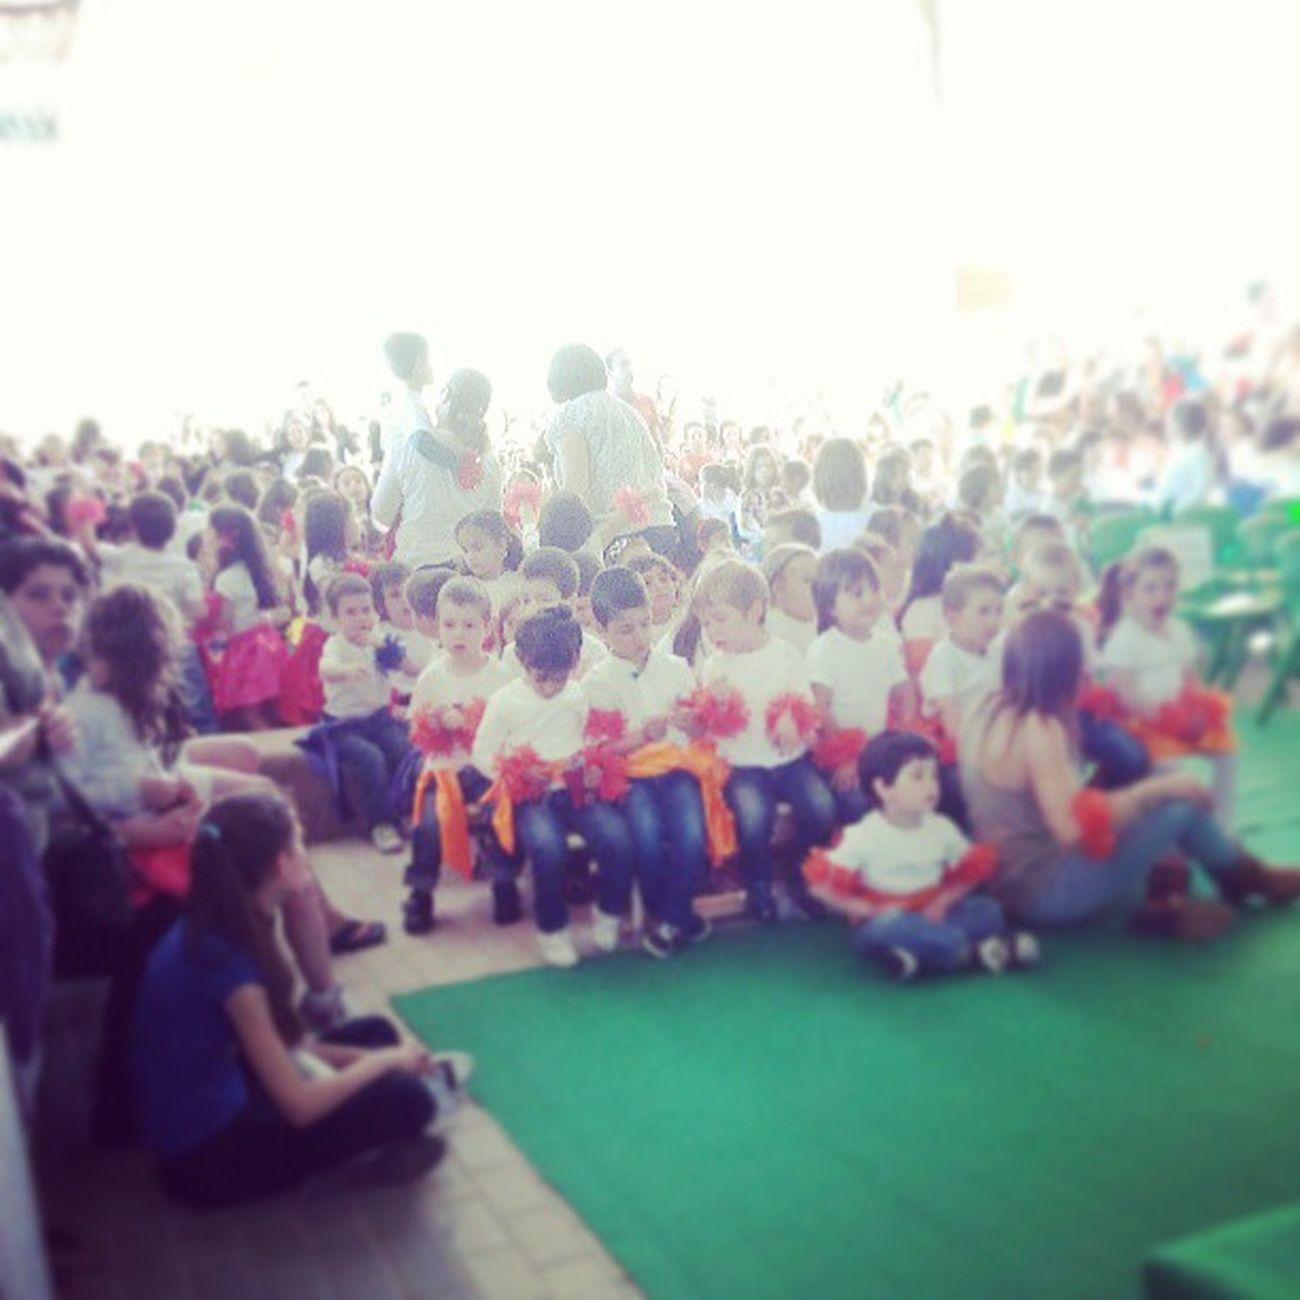 Festafinalistas ... Hoje também é dia das crianças ;)